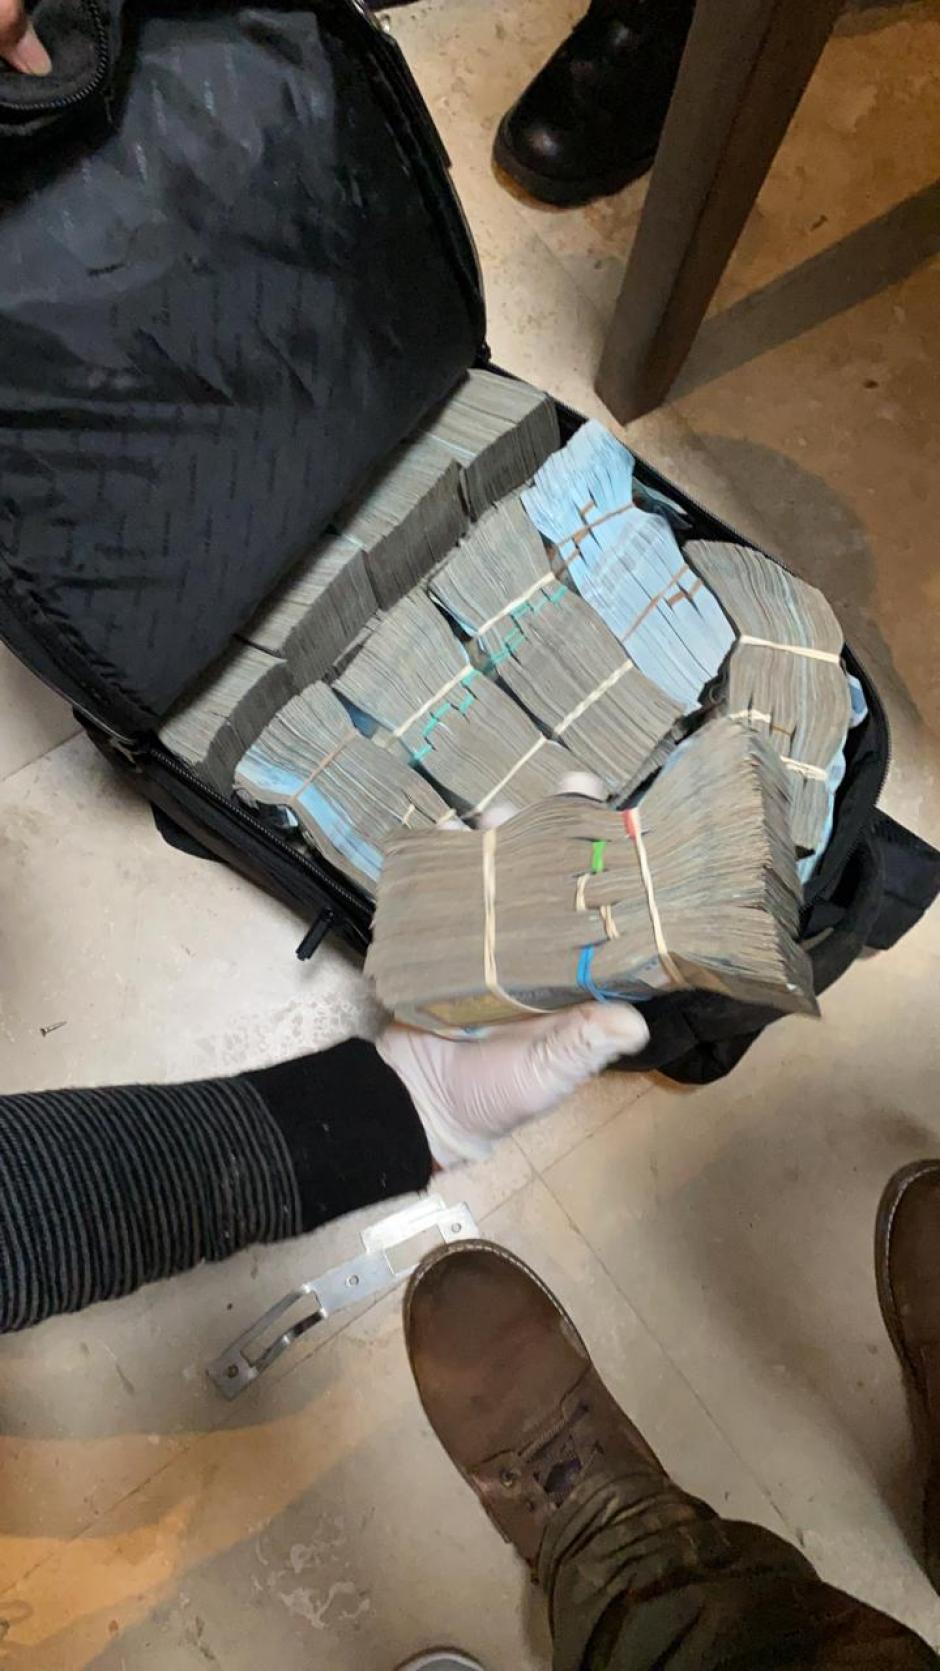 Las maletas estaban en una casa del condominio Doña Beatriz en Antigua Guatemala. (Foto: MP)